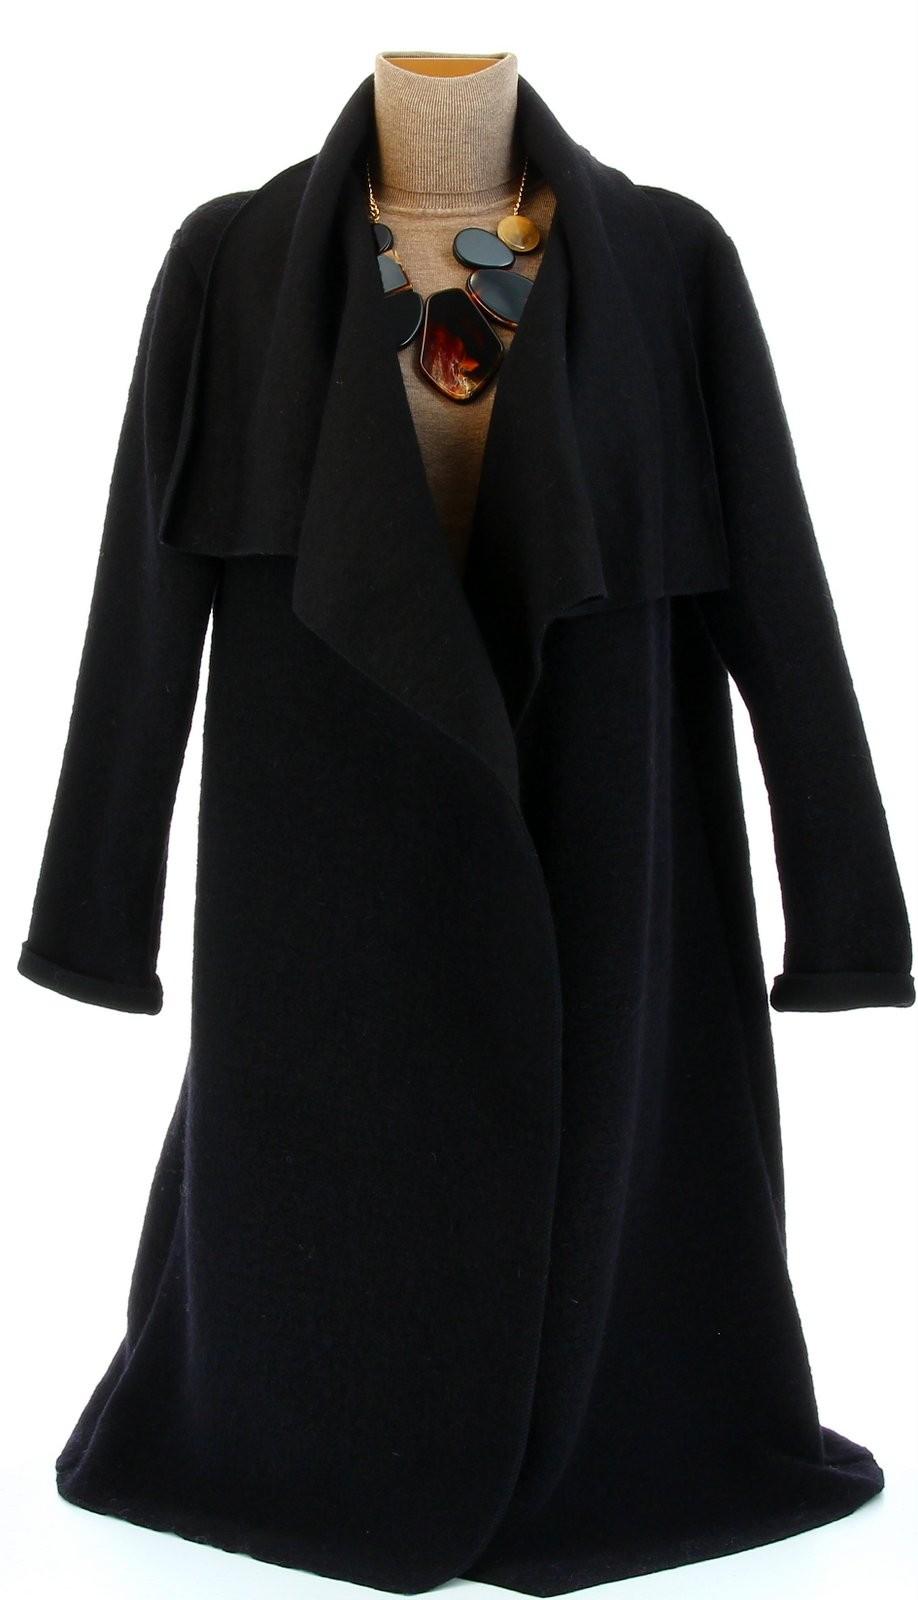 manteau hiver ample laine bouillie grande taille noir aurelia noir ebay. Black Bedroom Furniture Sets. Home Design Ideas